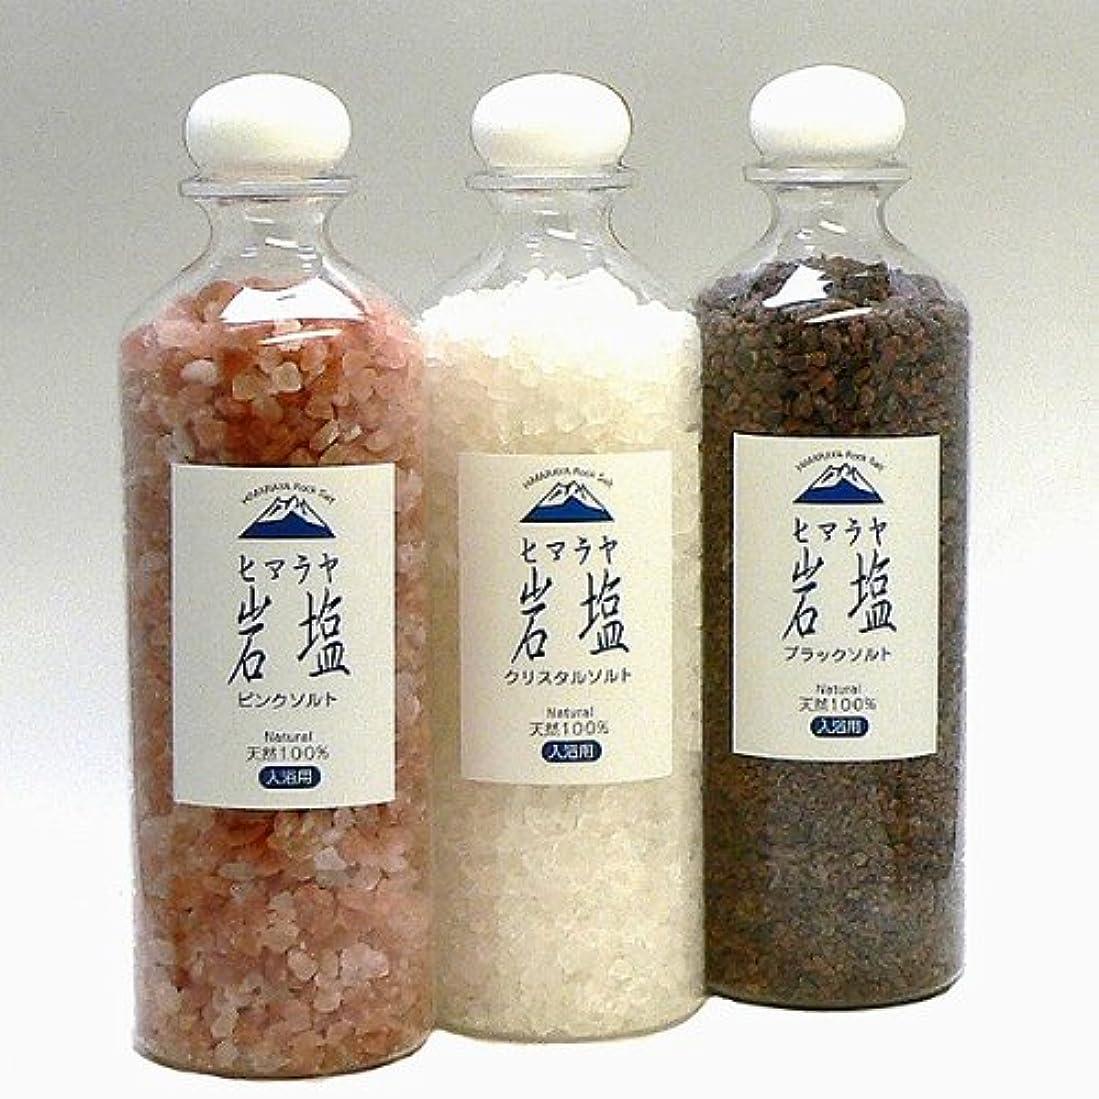 改修移動重要な役割を果たす、中心的な手段となるヒマラヤ岩塩(ピンク岩塩?クリスタル岩塩?ブラック岩塩)入浴用(小粒)ボトル入りセット